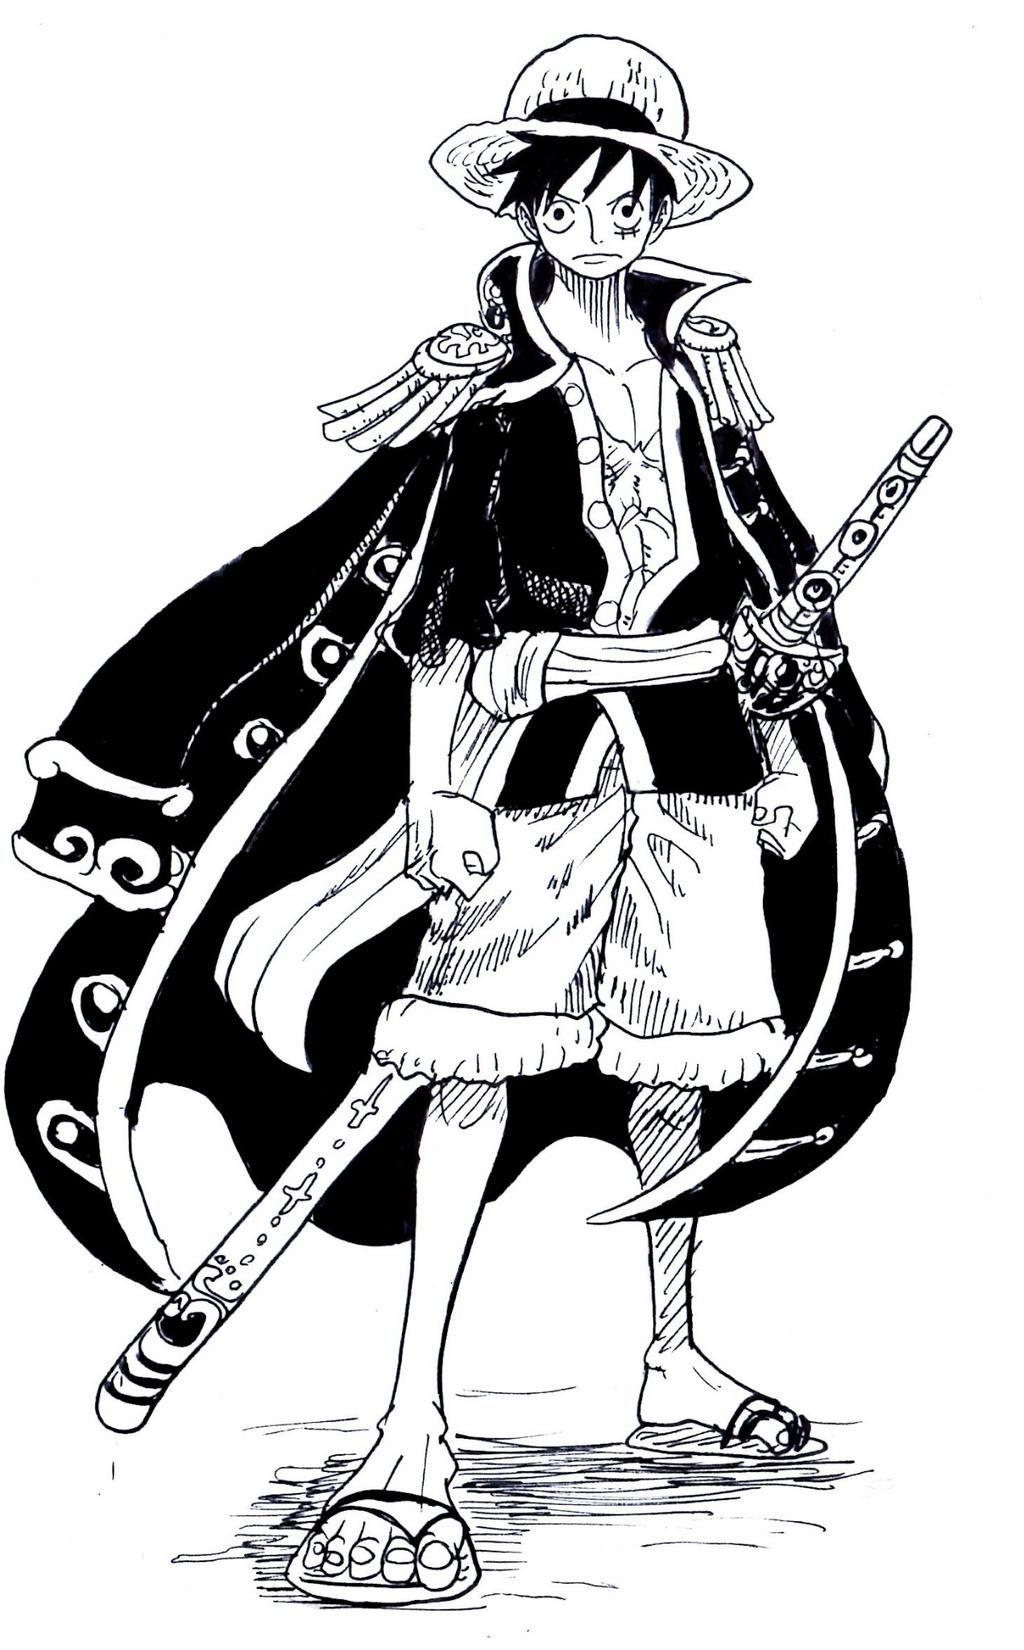 Pirate King Monkey D Luffy One Piece One Piece One Piece